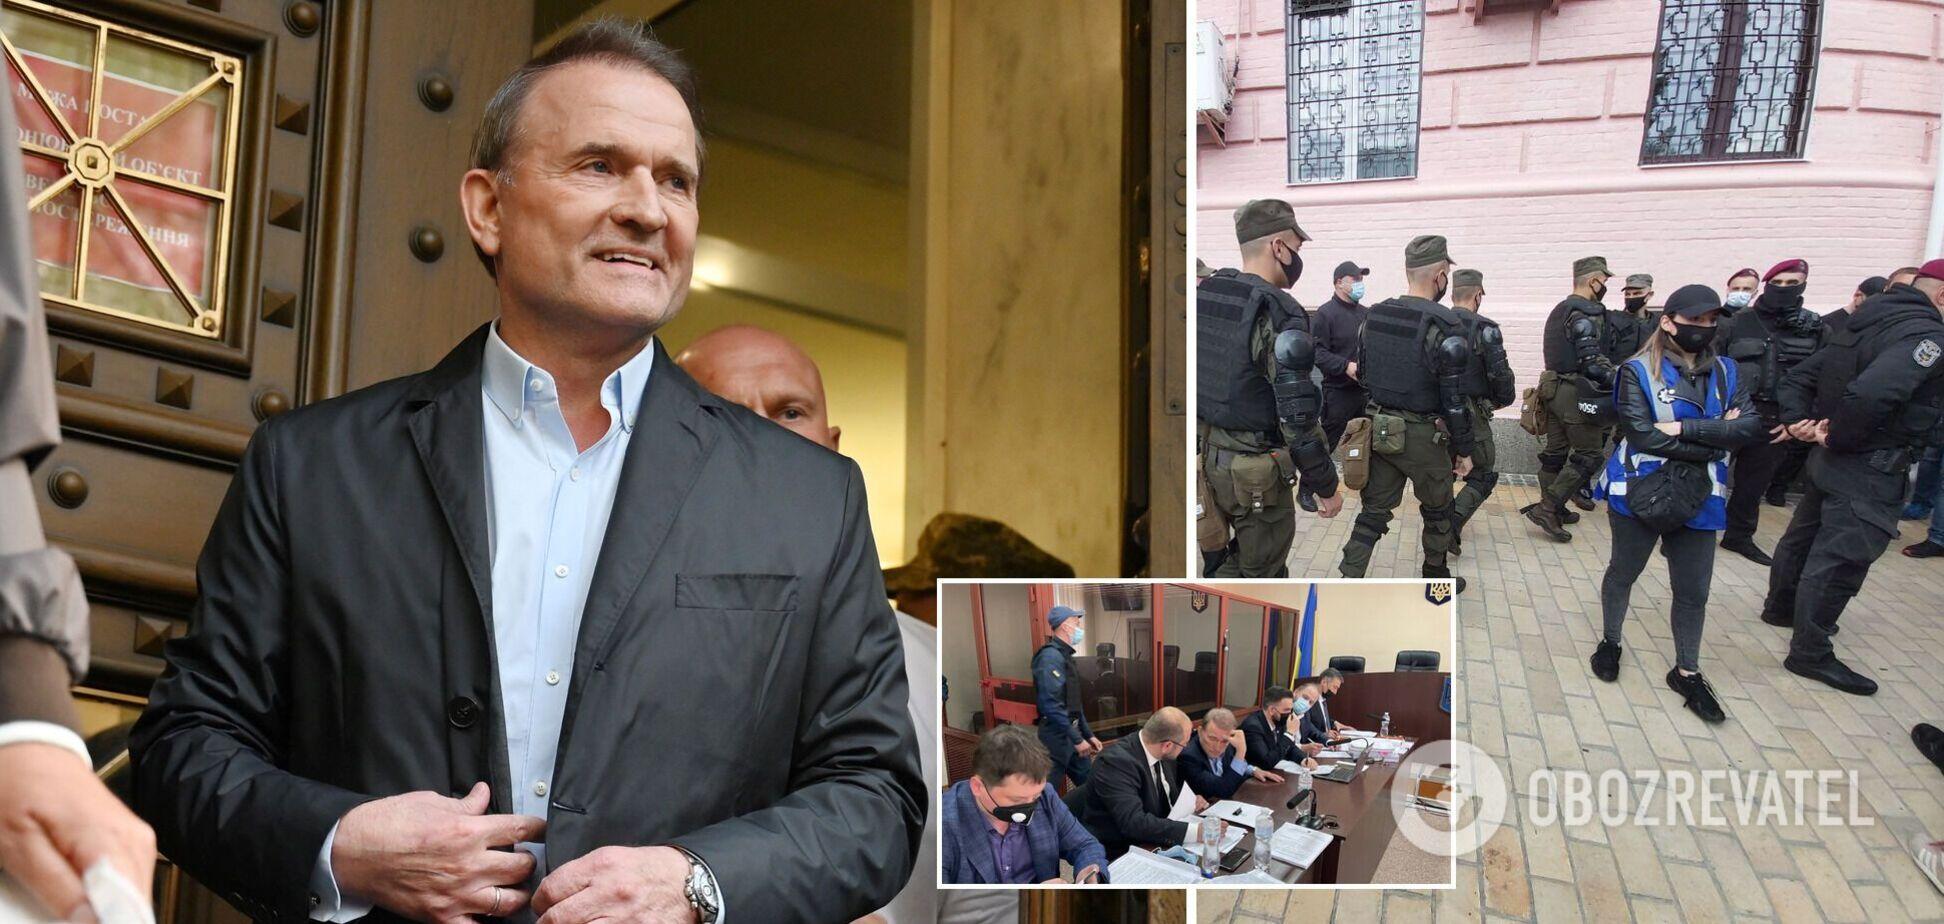 Медведчуку обирають запобіжний захід: суддя пішов у дорадчу кімнату. Всі деталі, фото і відео